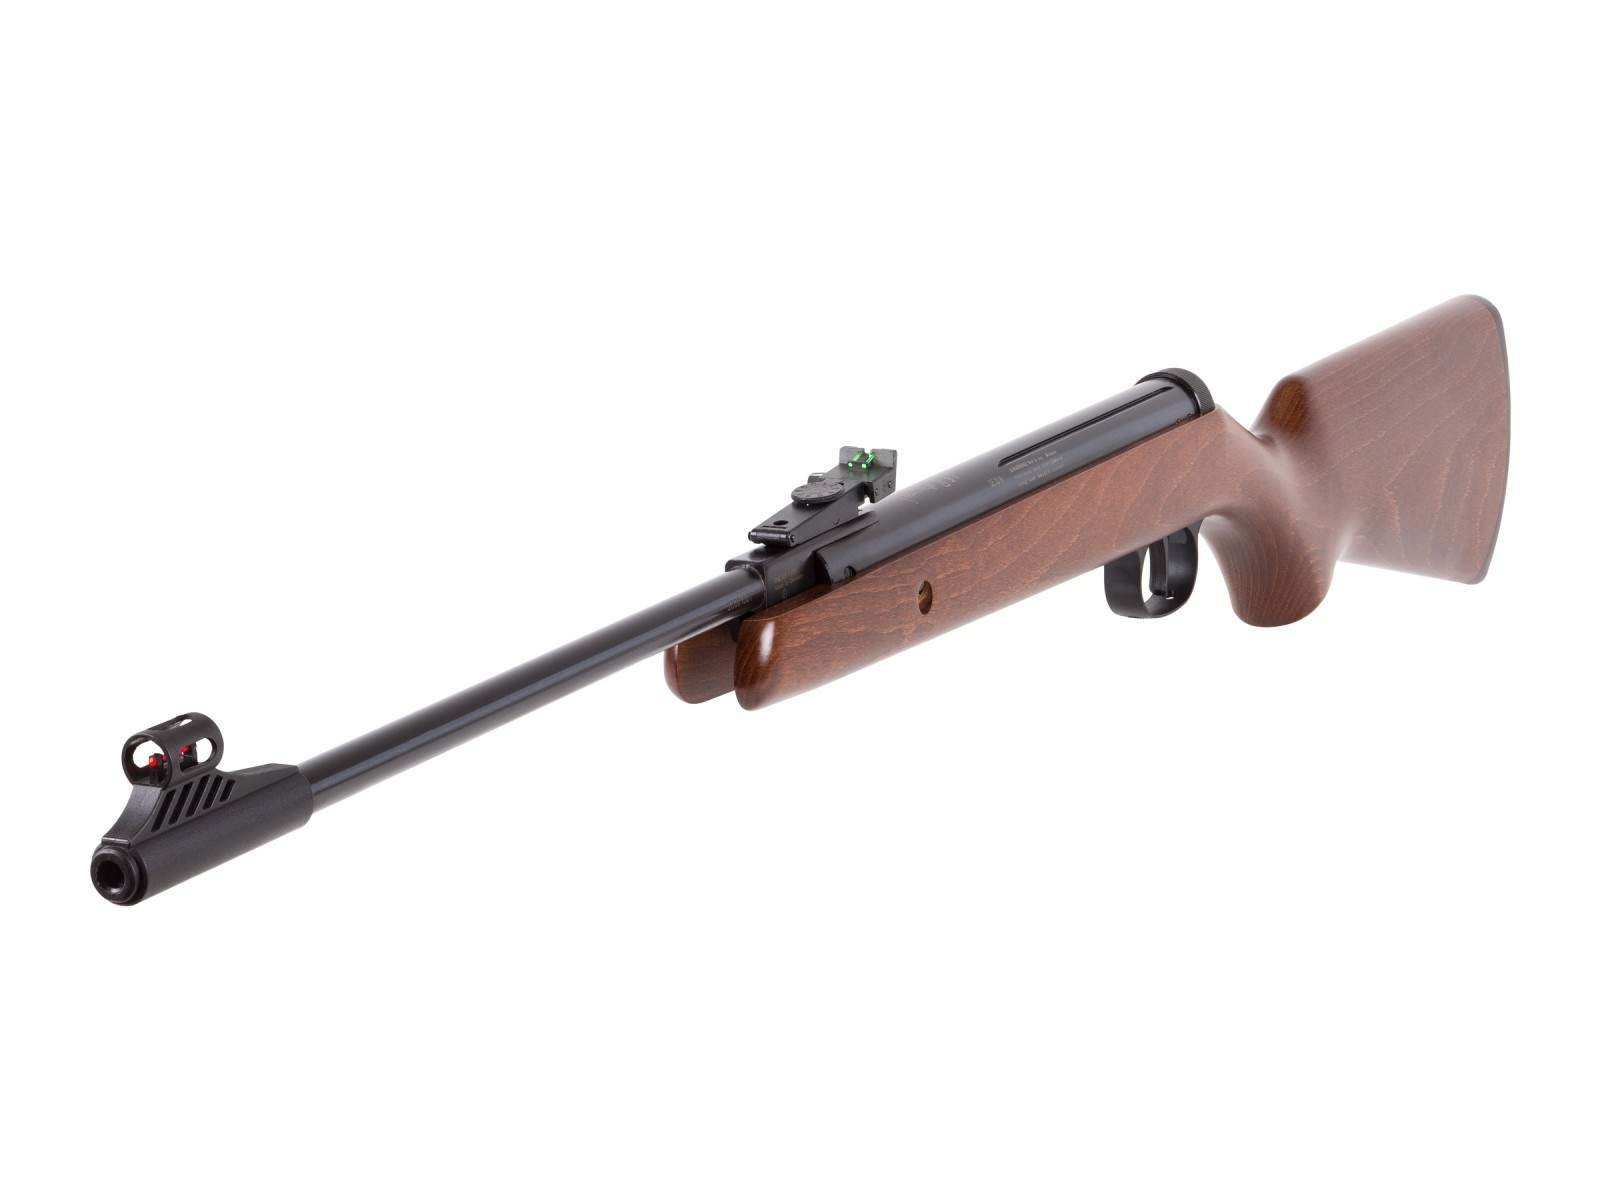 Diana 240 Classic Air Rifle air rifle by Diana